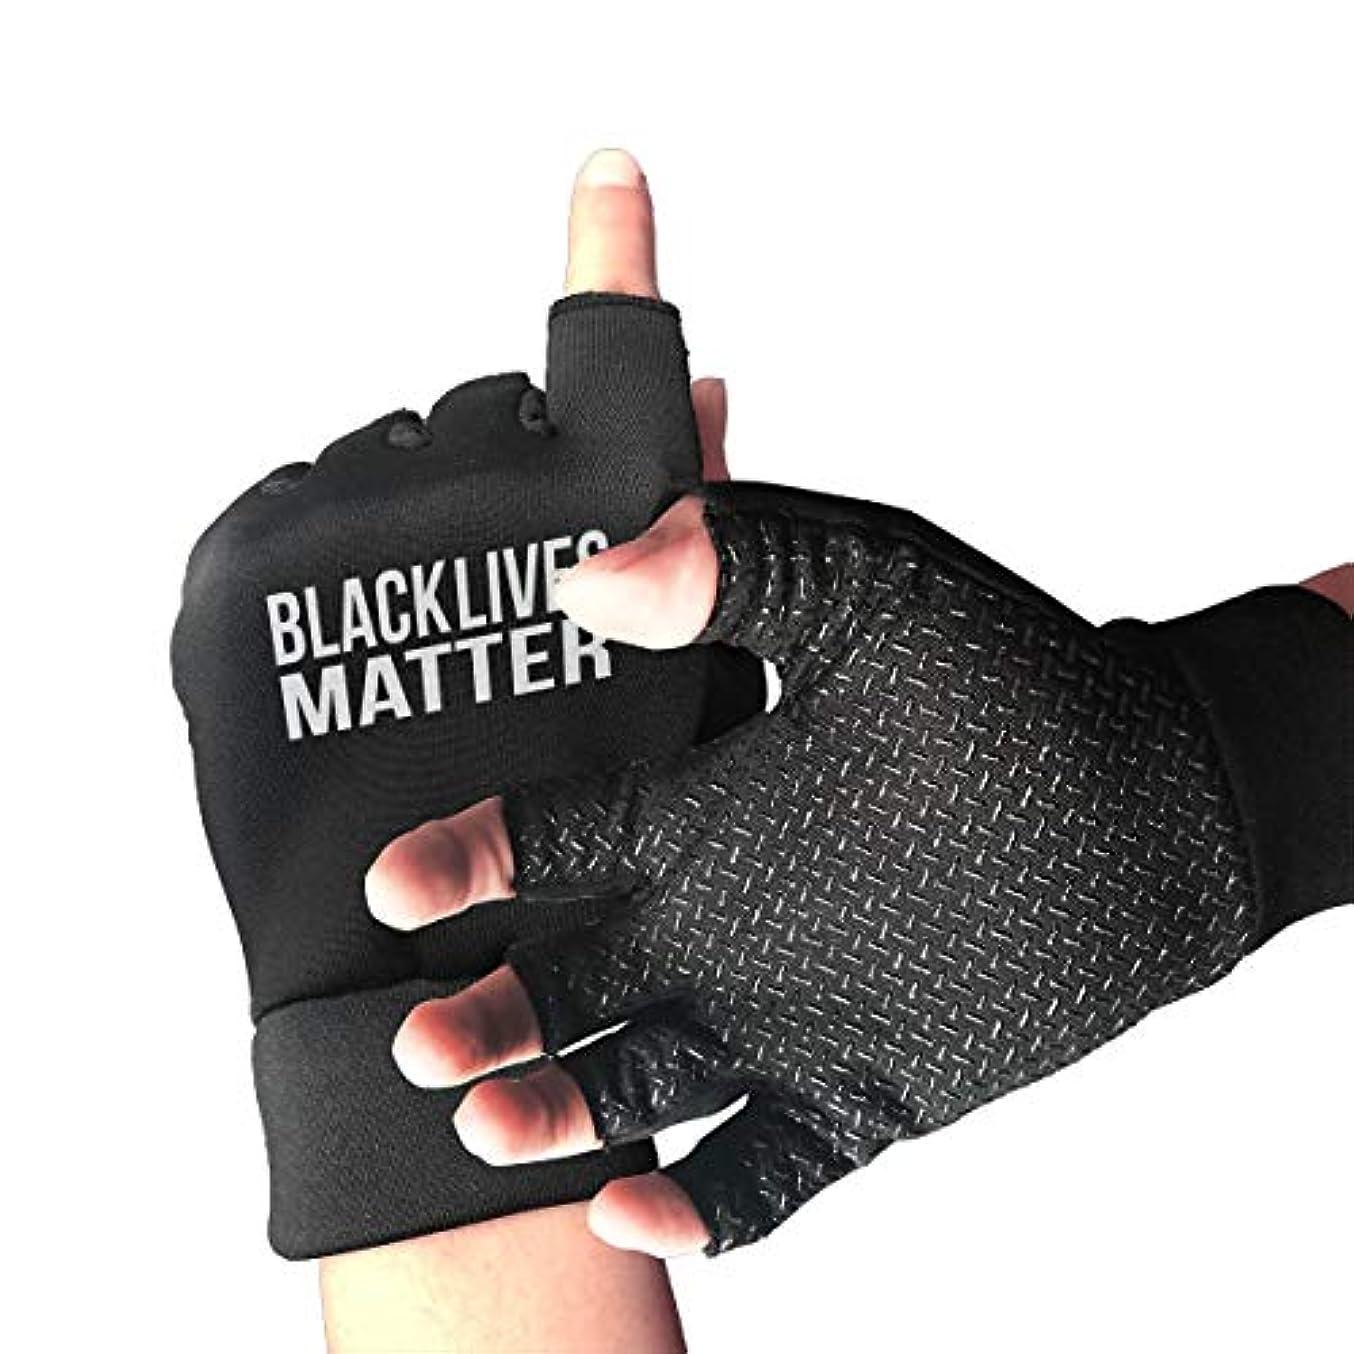 テスピアン凍結に話すBlack Lives Matter Logo フィンガーレス グローブ 手袋 ショート 指ぬき 登山 バイク アウトドア 滑り止め 耐久性 ユニセックス ブラック 自転車半指手袋 サイクリンググローブ プリント 通気性...